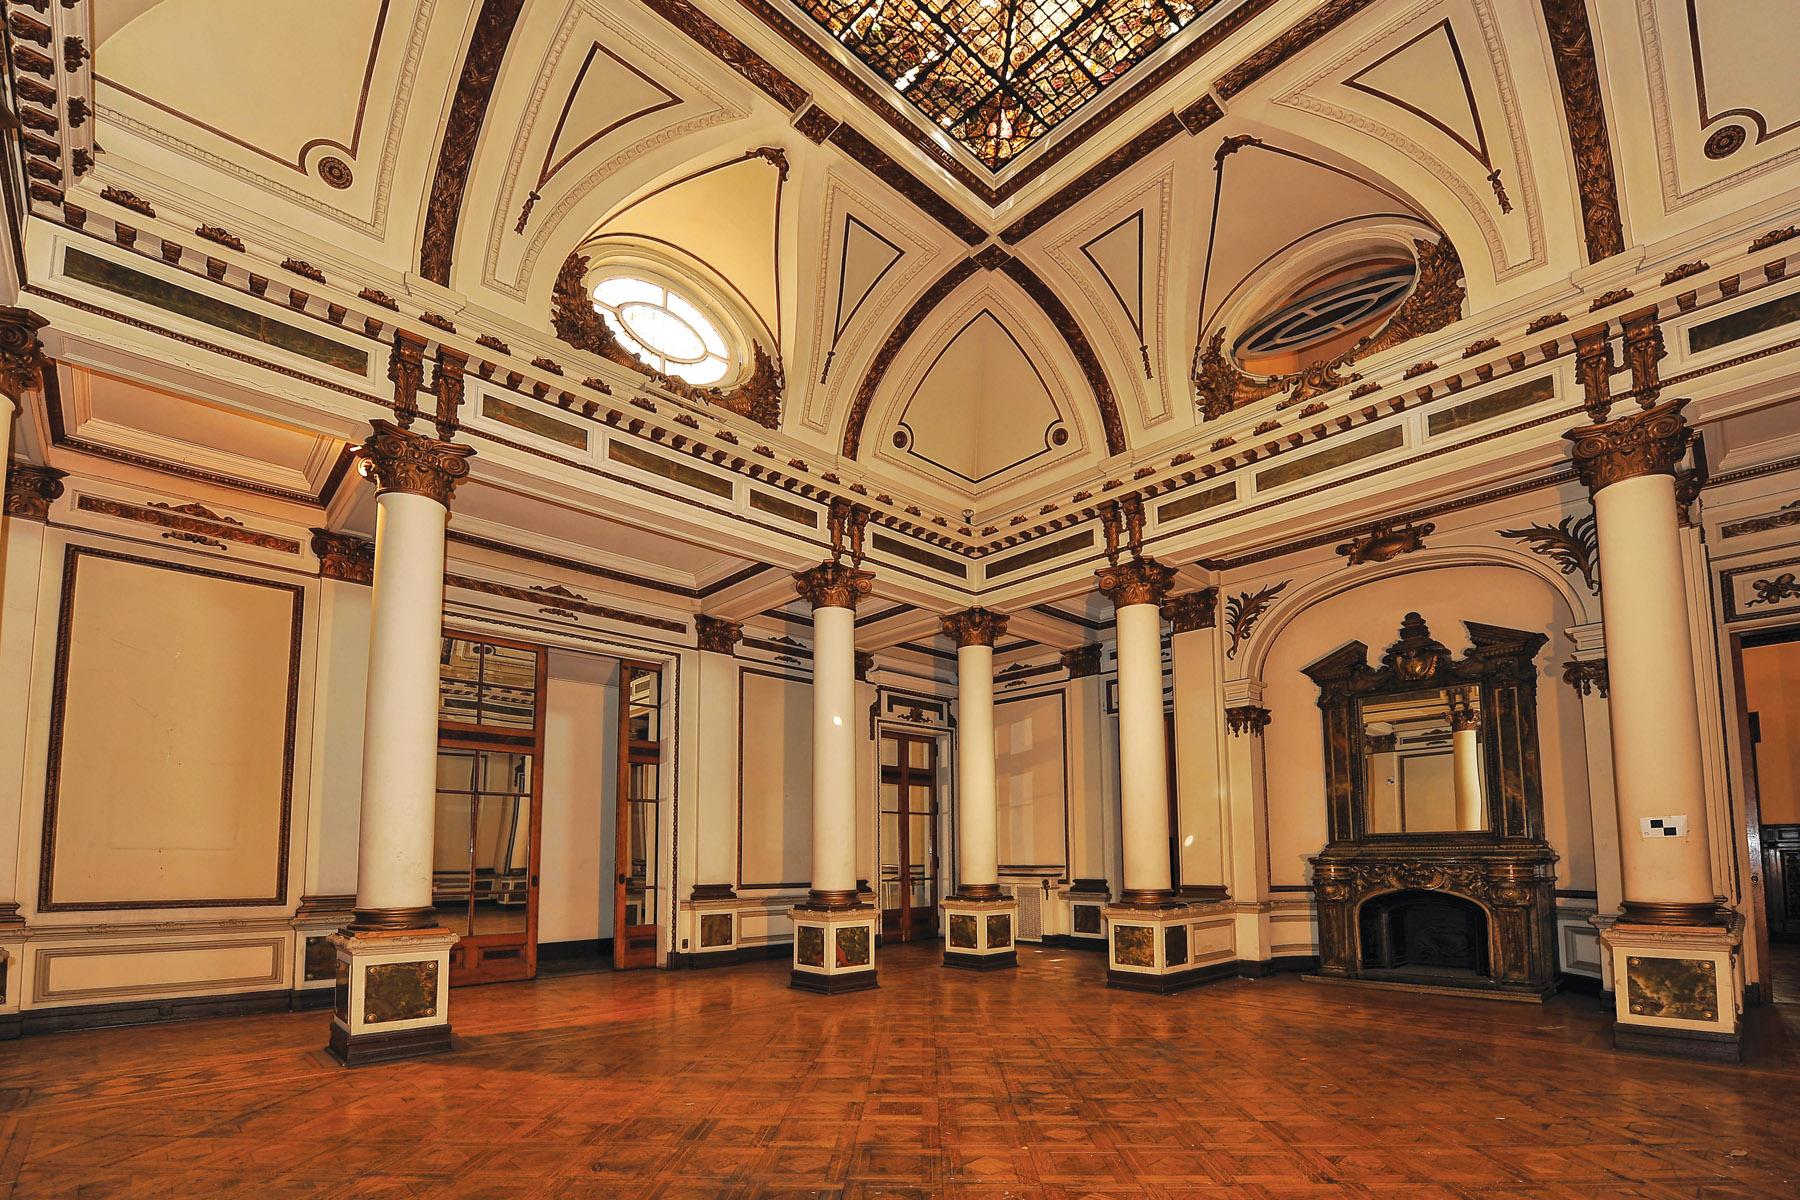 palacio-ariztia-interior-utem-chile